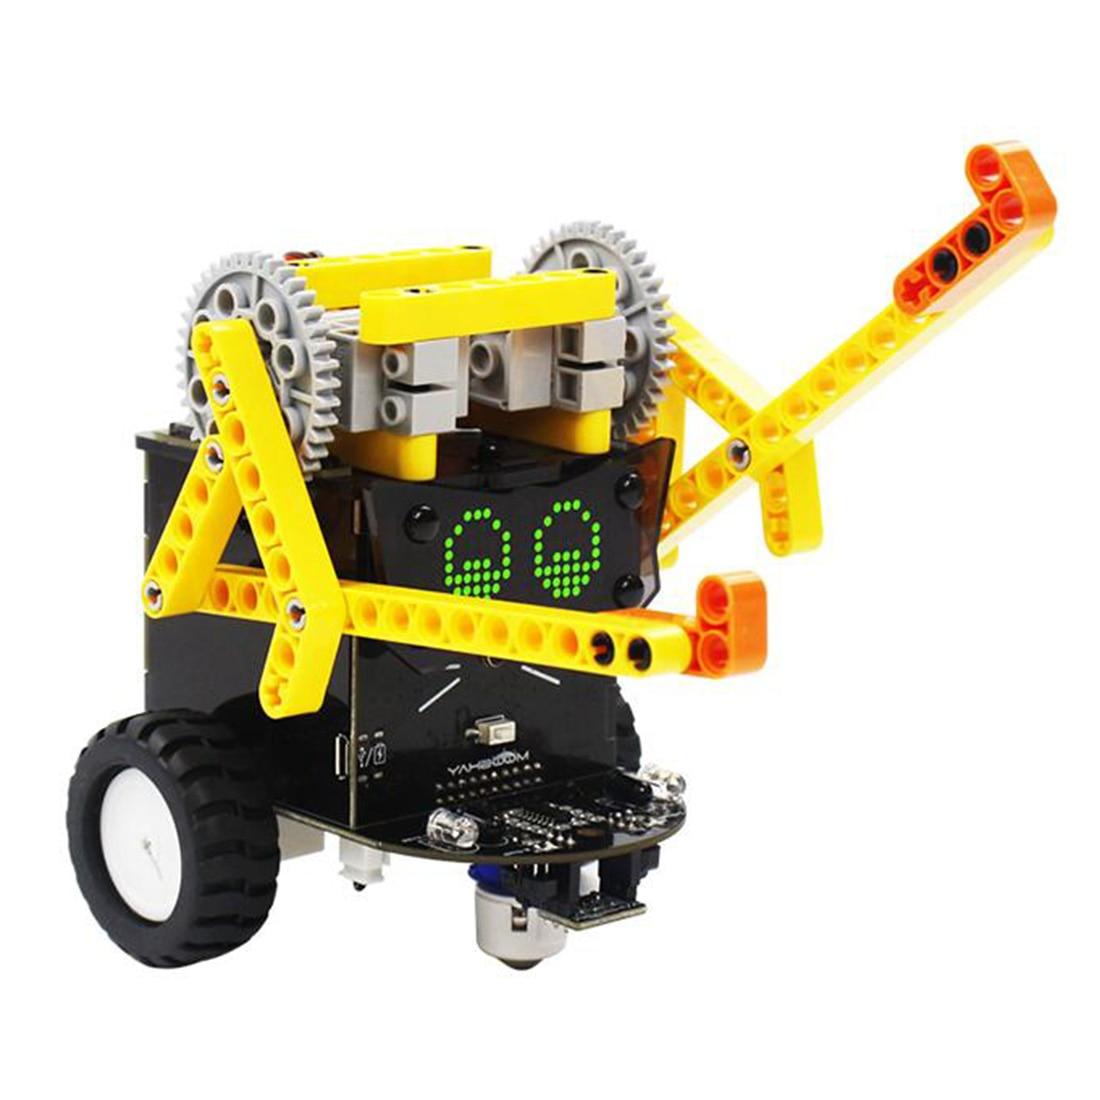 Горячая графическая Боевая версия Omibox Scratch Programmable Smart Robot Car Kit высокотехнологичные игрушки программируемые игрушки для детей